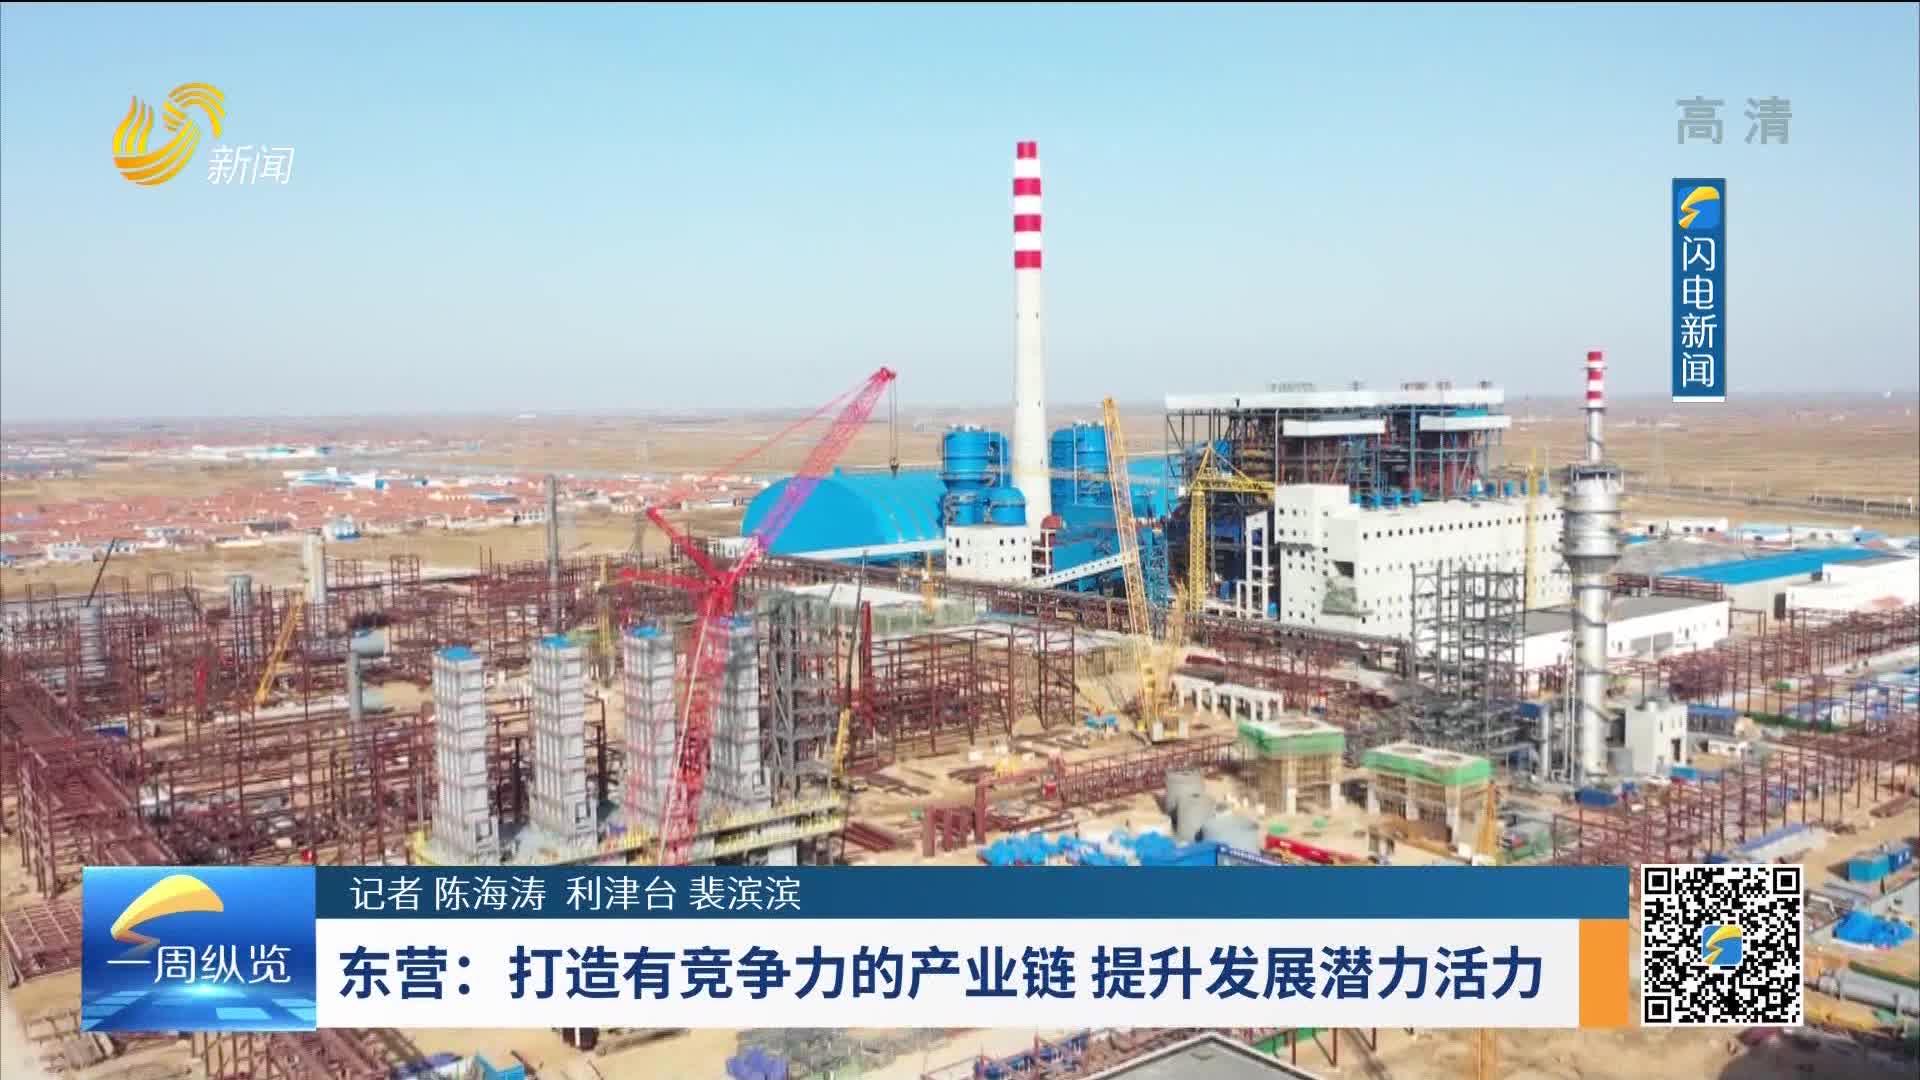 东营:打造有竞争力的产业链 提升发展潜力活力